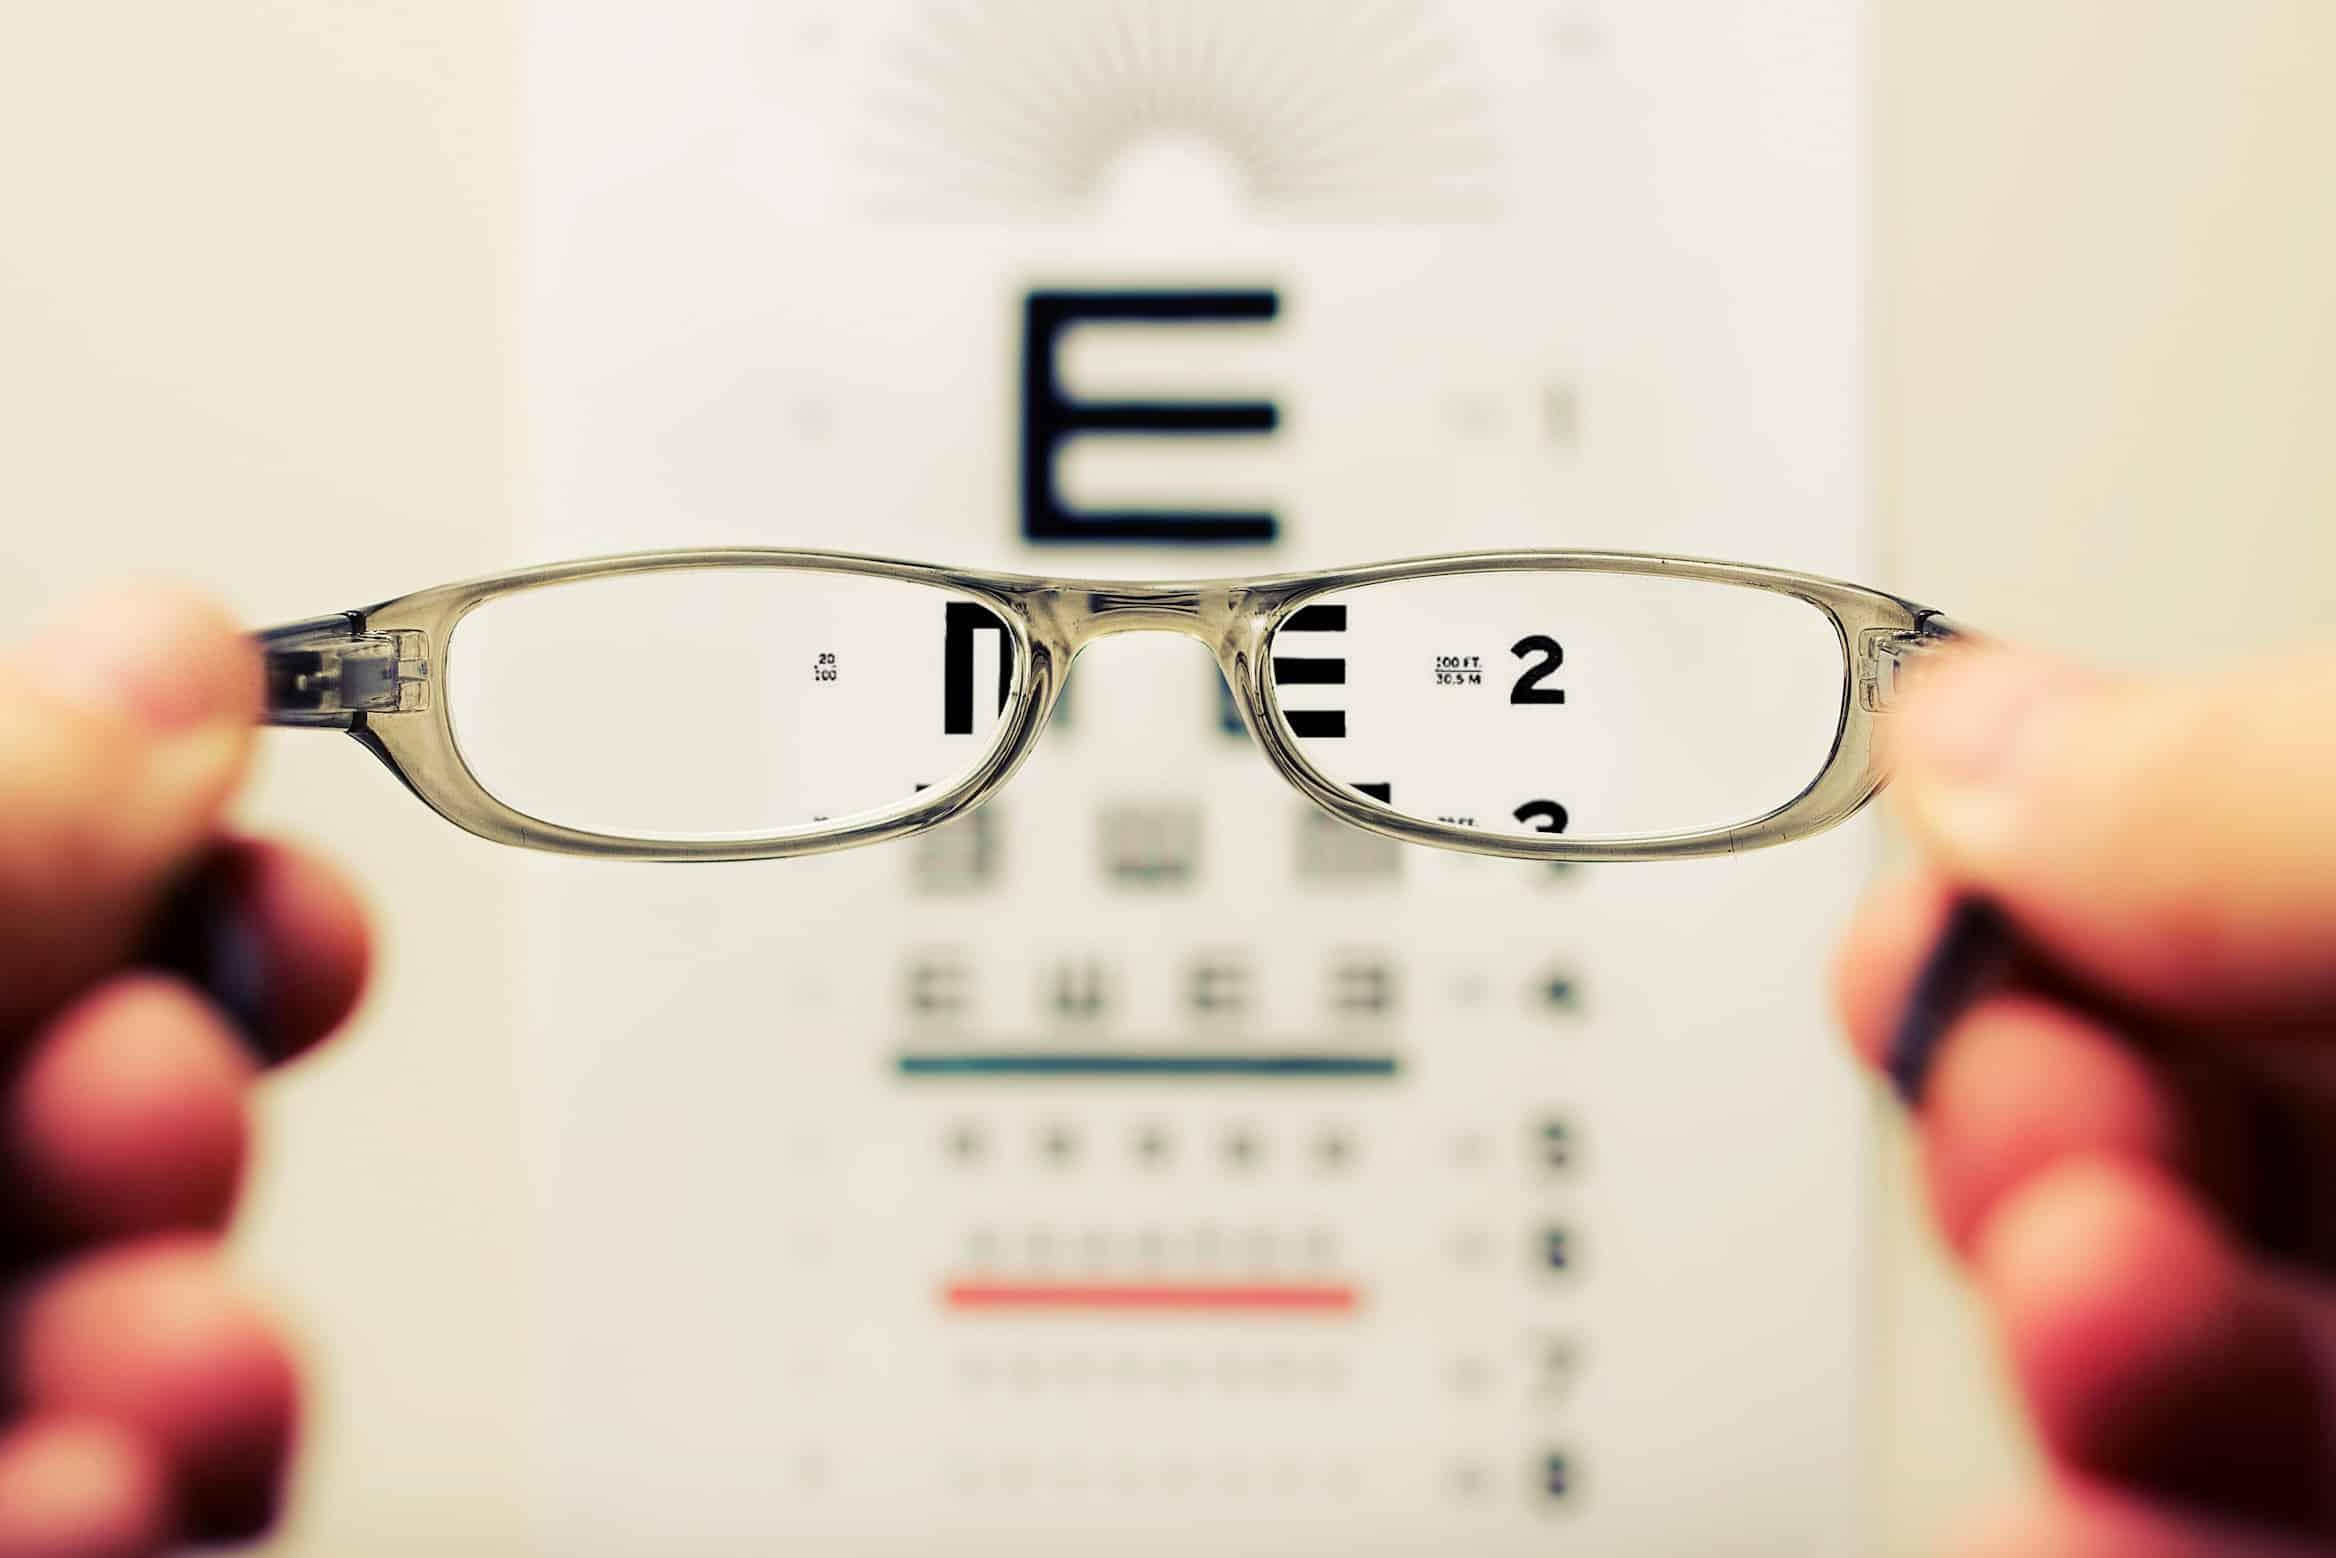 látásélesség 6 mit jelent